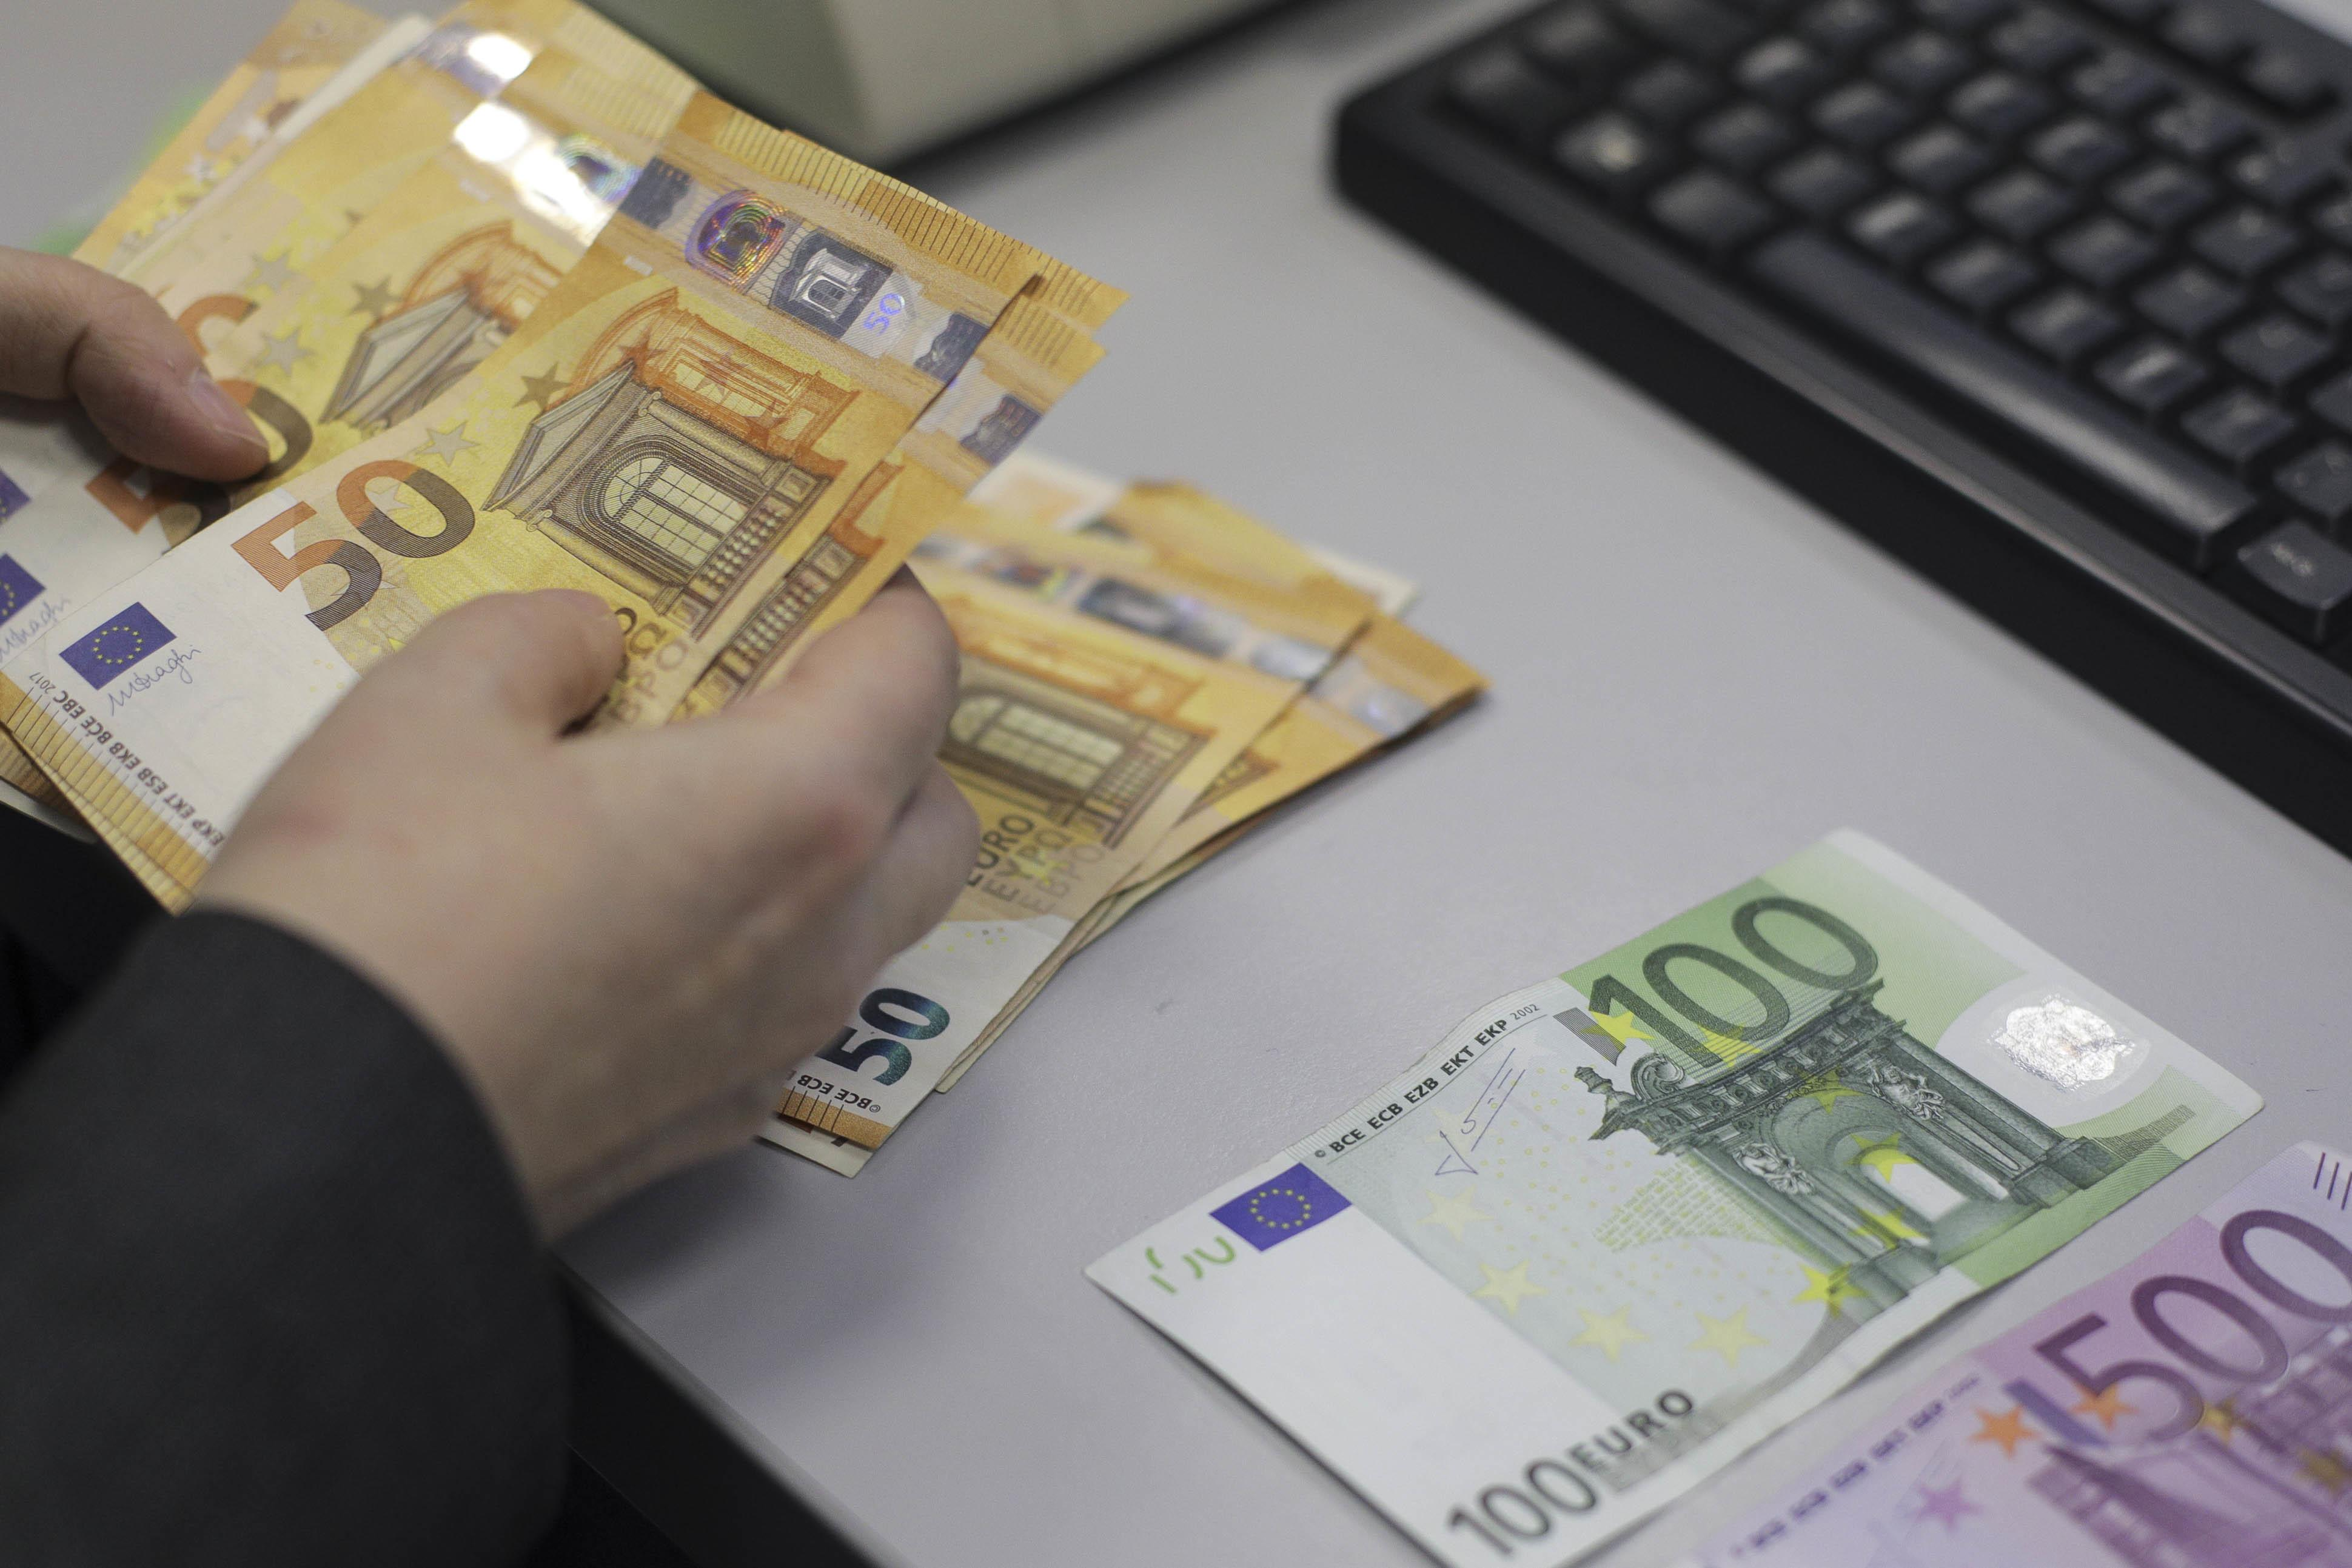 Unii investitori se vor gândi îo dată în plus dacă este cazul să investească în România sau nu, şi este posibil să apară o mică influenţă la dobânzi